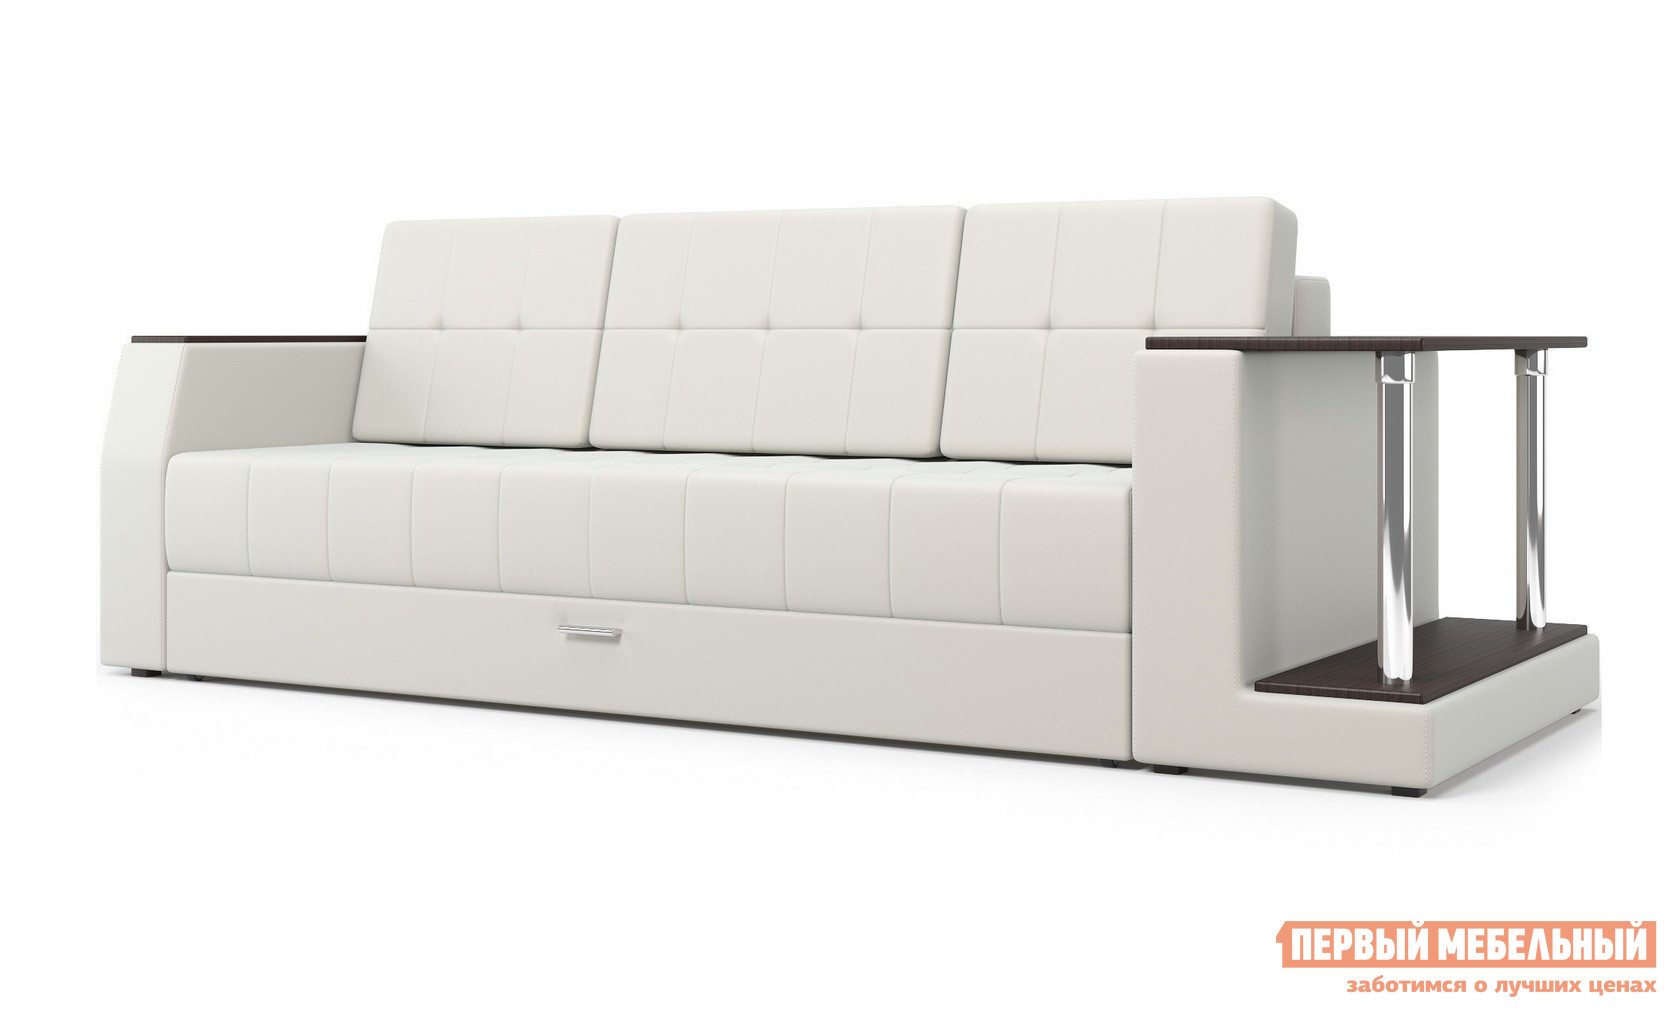 Диван Мебелико Атлант Экокожа белая, Правый Мебелико Габаритные размеры ВхШхГ 710x2520x1030 мм. Большой прямой диван Атлант выглядит стильно и солидно.  Такая модель понравится тем, кто предпочитает лаконичную и безупречную мебель для оформления интерьера. <br>Отличительная черта этого дивана — аккуратный столик с двумя полками с одной стороны.  На нем всегда под рукой будет книга, которую вы сейчас читаете, мультимедиа аксессуары, а можно сделать из столика мини-бар. <br>Обратите внимание, что столик может располагаться с правой или с левой стороны.  При оформлении заказа не забудьте указать с какой стороны вы хотели бы, чтобы находился столик. <br>Под выдвижным сиденьем есть вместительные отделения для постельных принадлежностей.  Благодаря отлично зарекомендовавшему себя раскладному механизму «еврокнижка» диван легко и быстро превращается в удобную кровать со спальным местом 1450 х 1900 мм.  Высота от пола до сиденья — 450 мм, глубина сиденья — 630 мм. <br>Для изготовления каркаса используется массив сосны и ЛДСП.  Обивка — искусственная кожа.  Наполнение представляет собой пружинный блок Bonnel, ППУ 25 кг/м3, войлок и синтепон. <br>